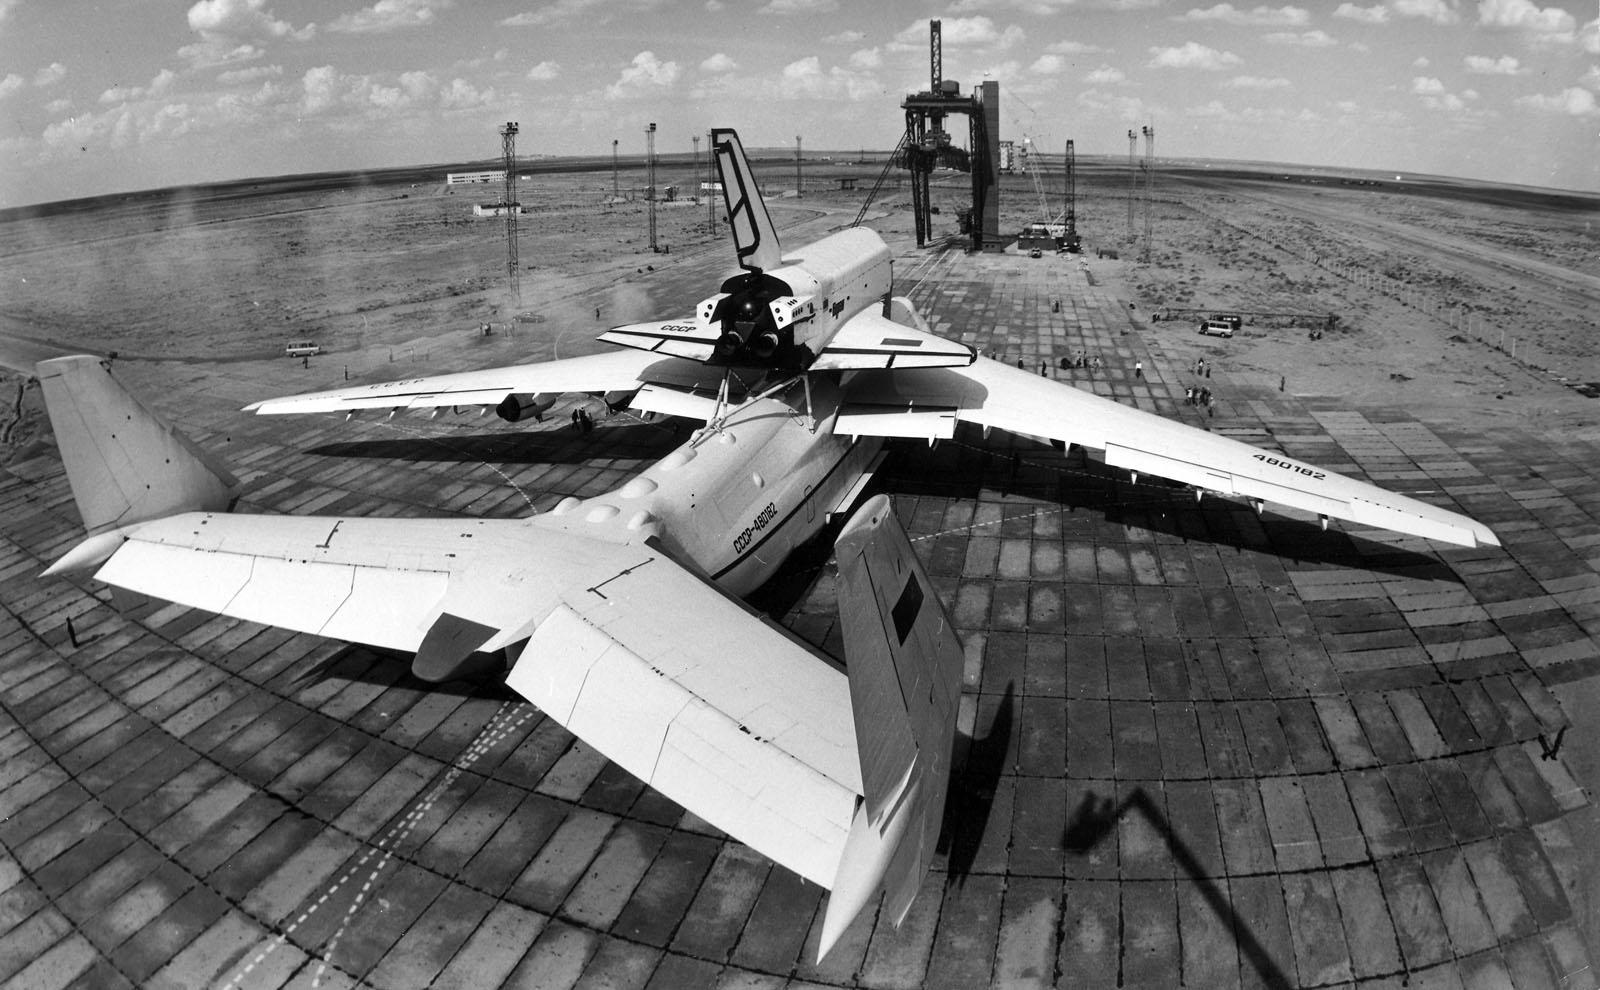 Transport sur le dos d'un antonov an-225, le plus grand avion jamais